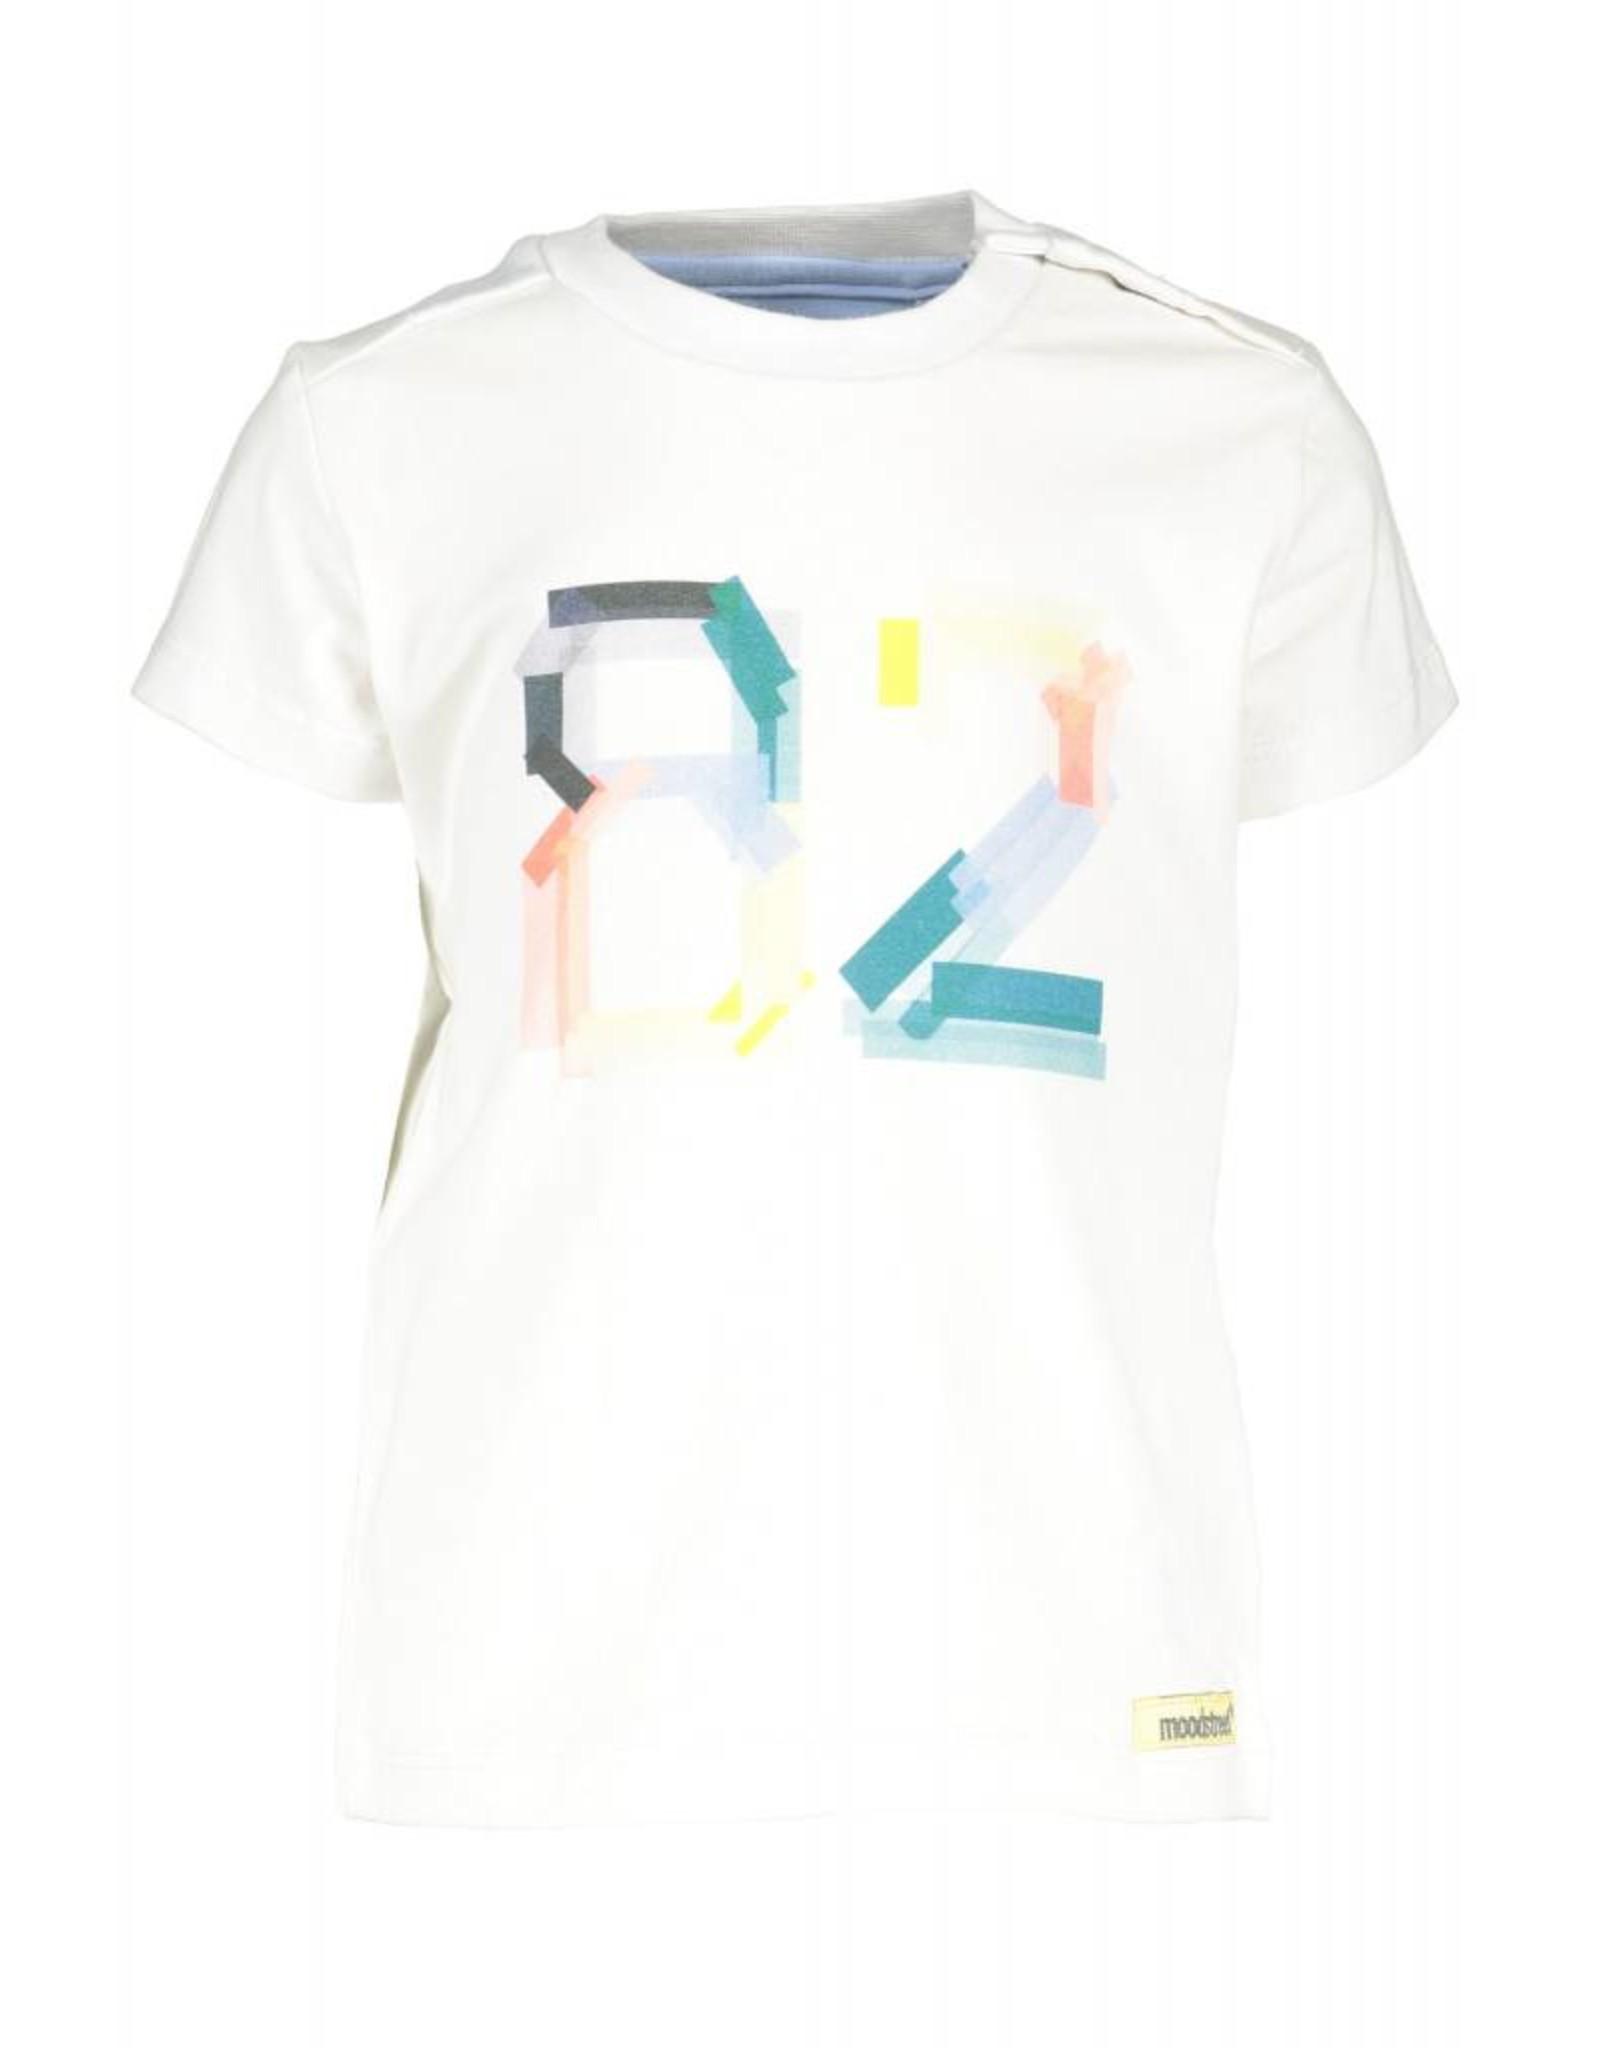 Moodstreet T-shirt '82 001 white